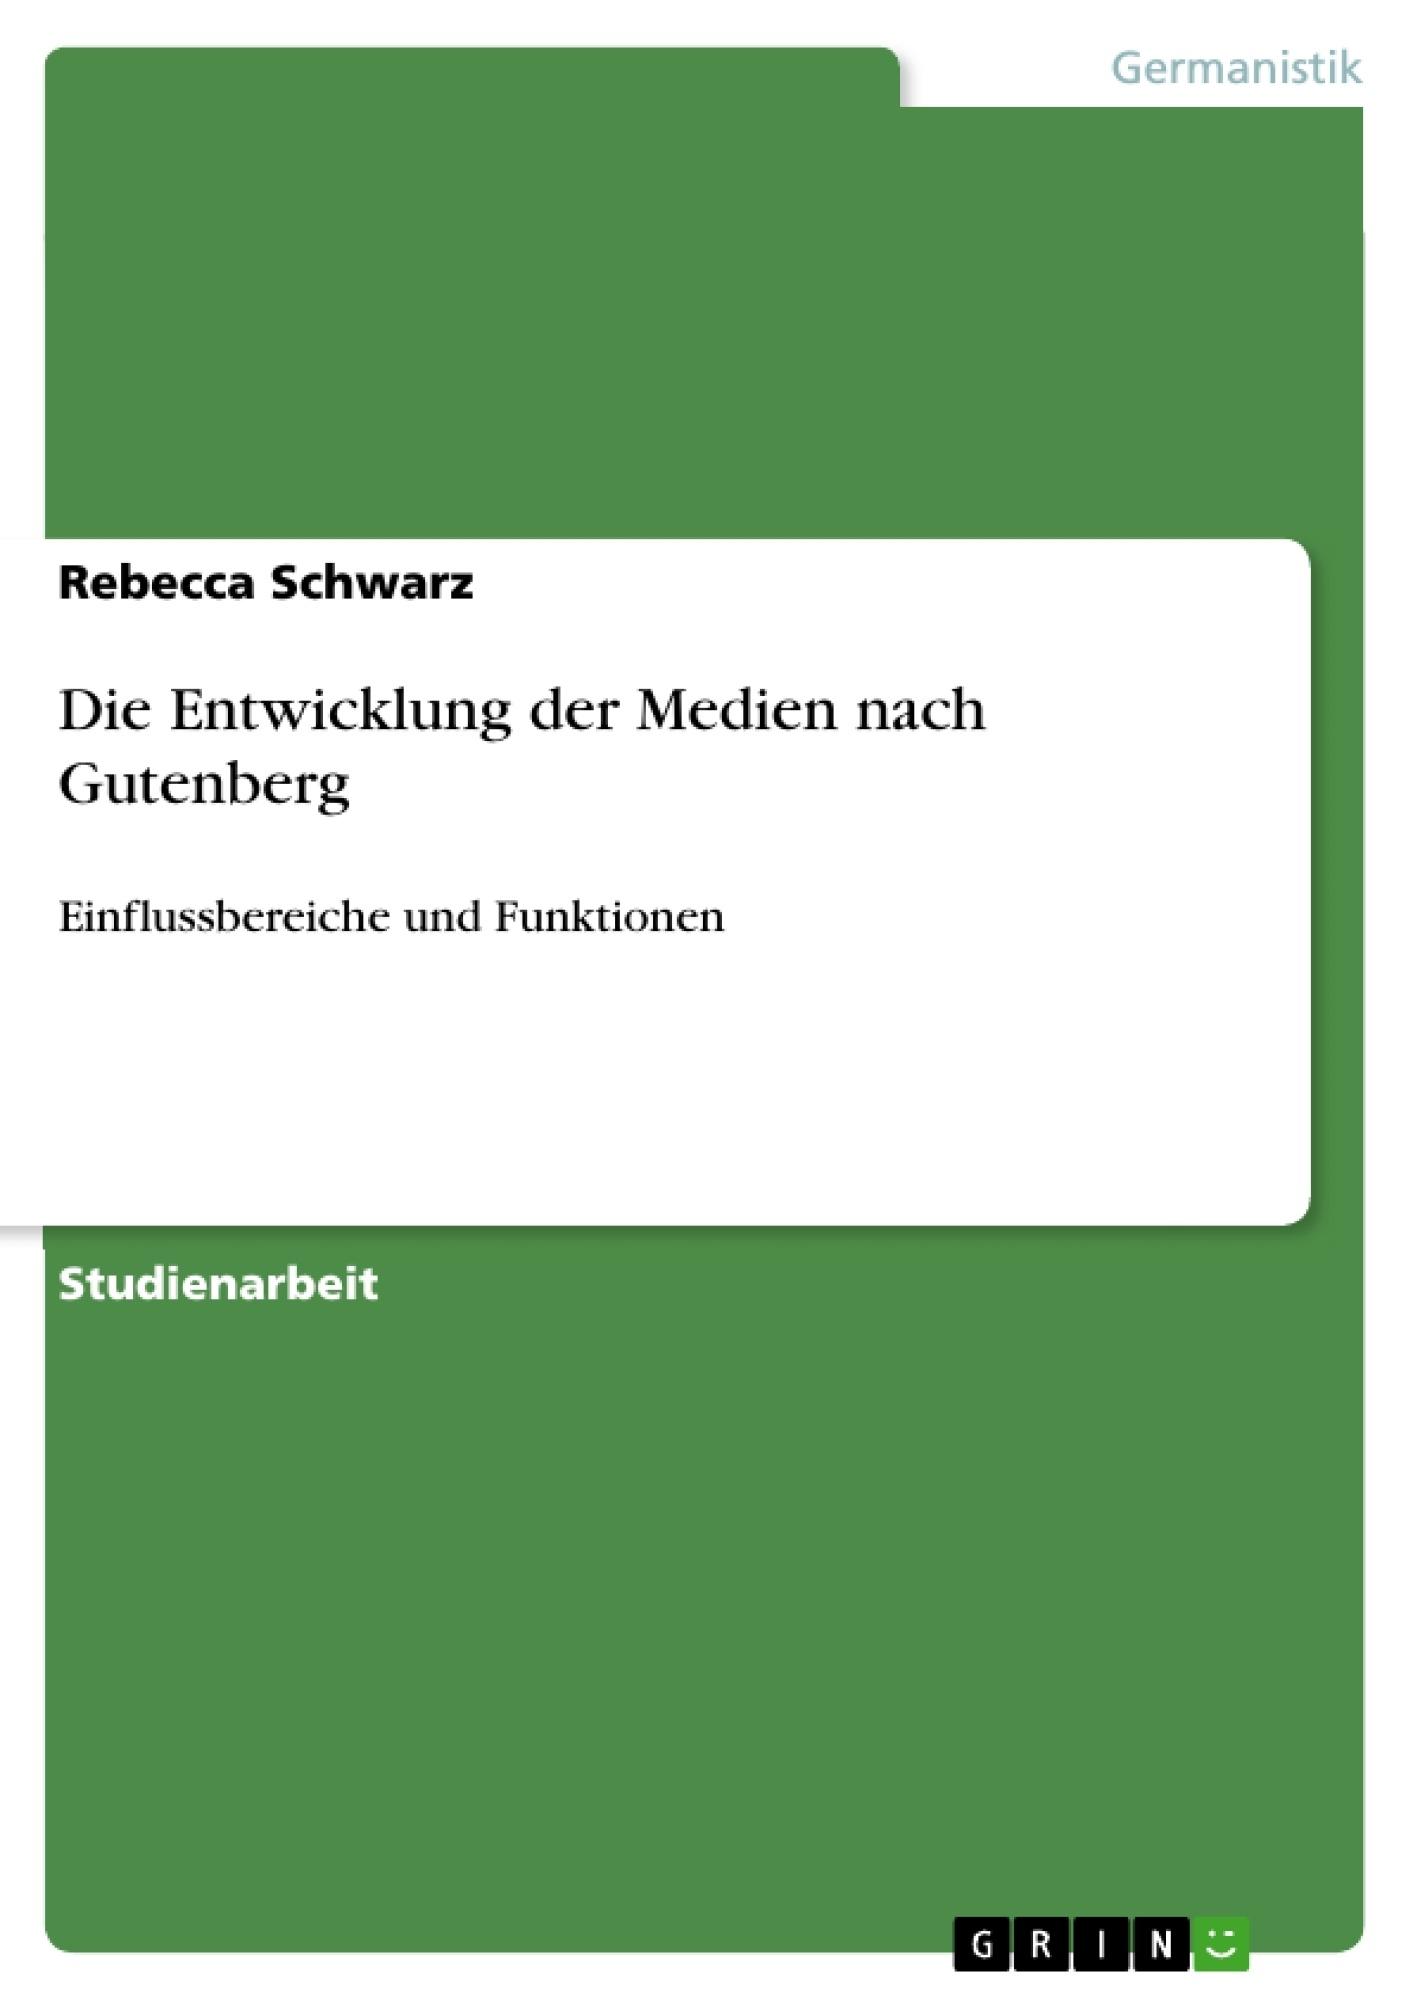 Titel: Die Entwicklung der Medien nach Gutenberg